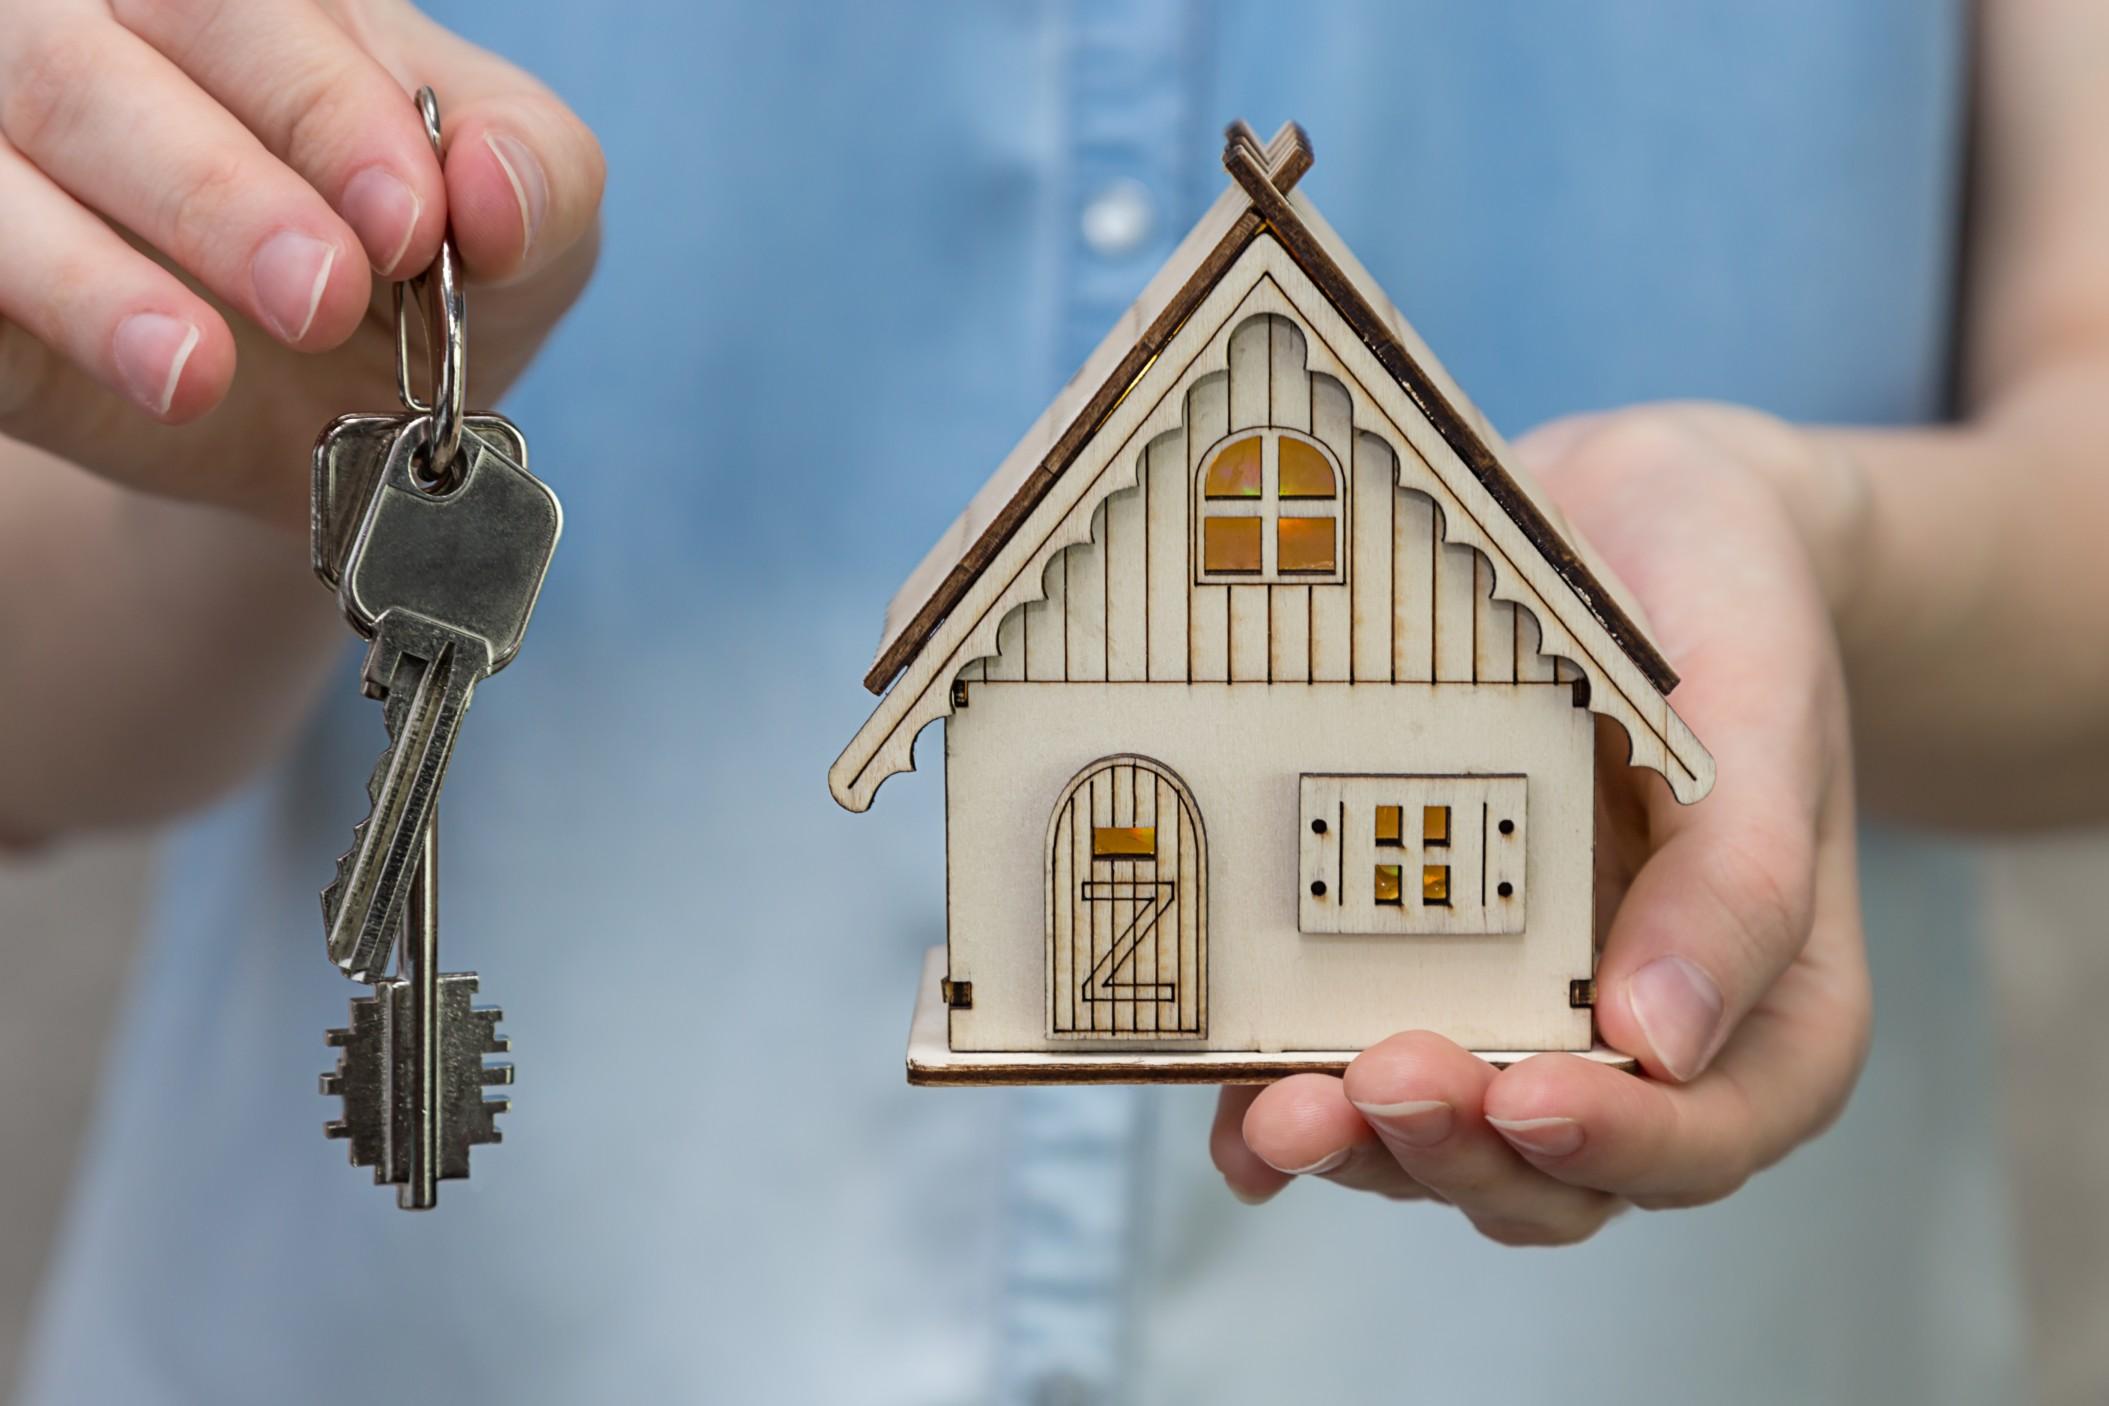 Einen Immobilienmakler zu beauftragen kann viele Vorteile haben. Foto @TatianaMara via Twenty20